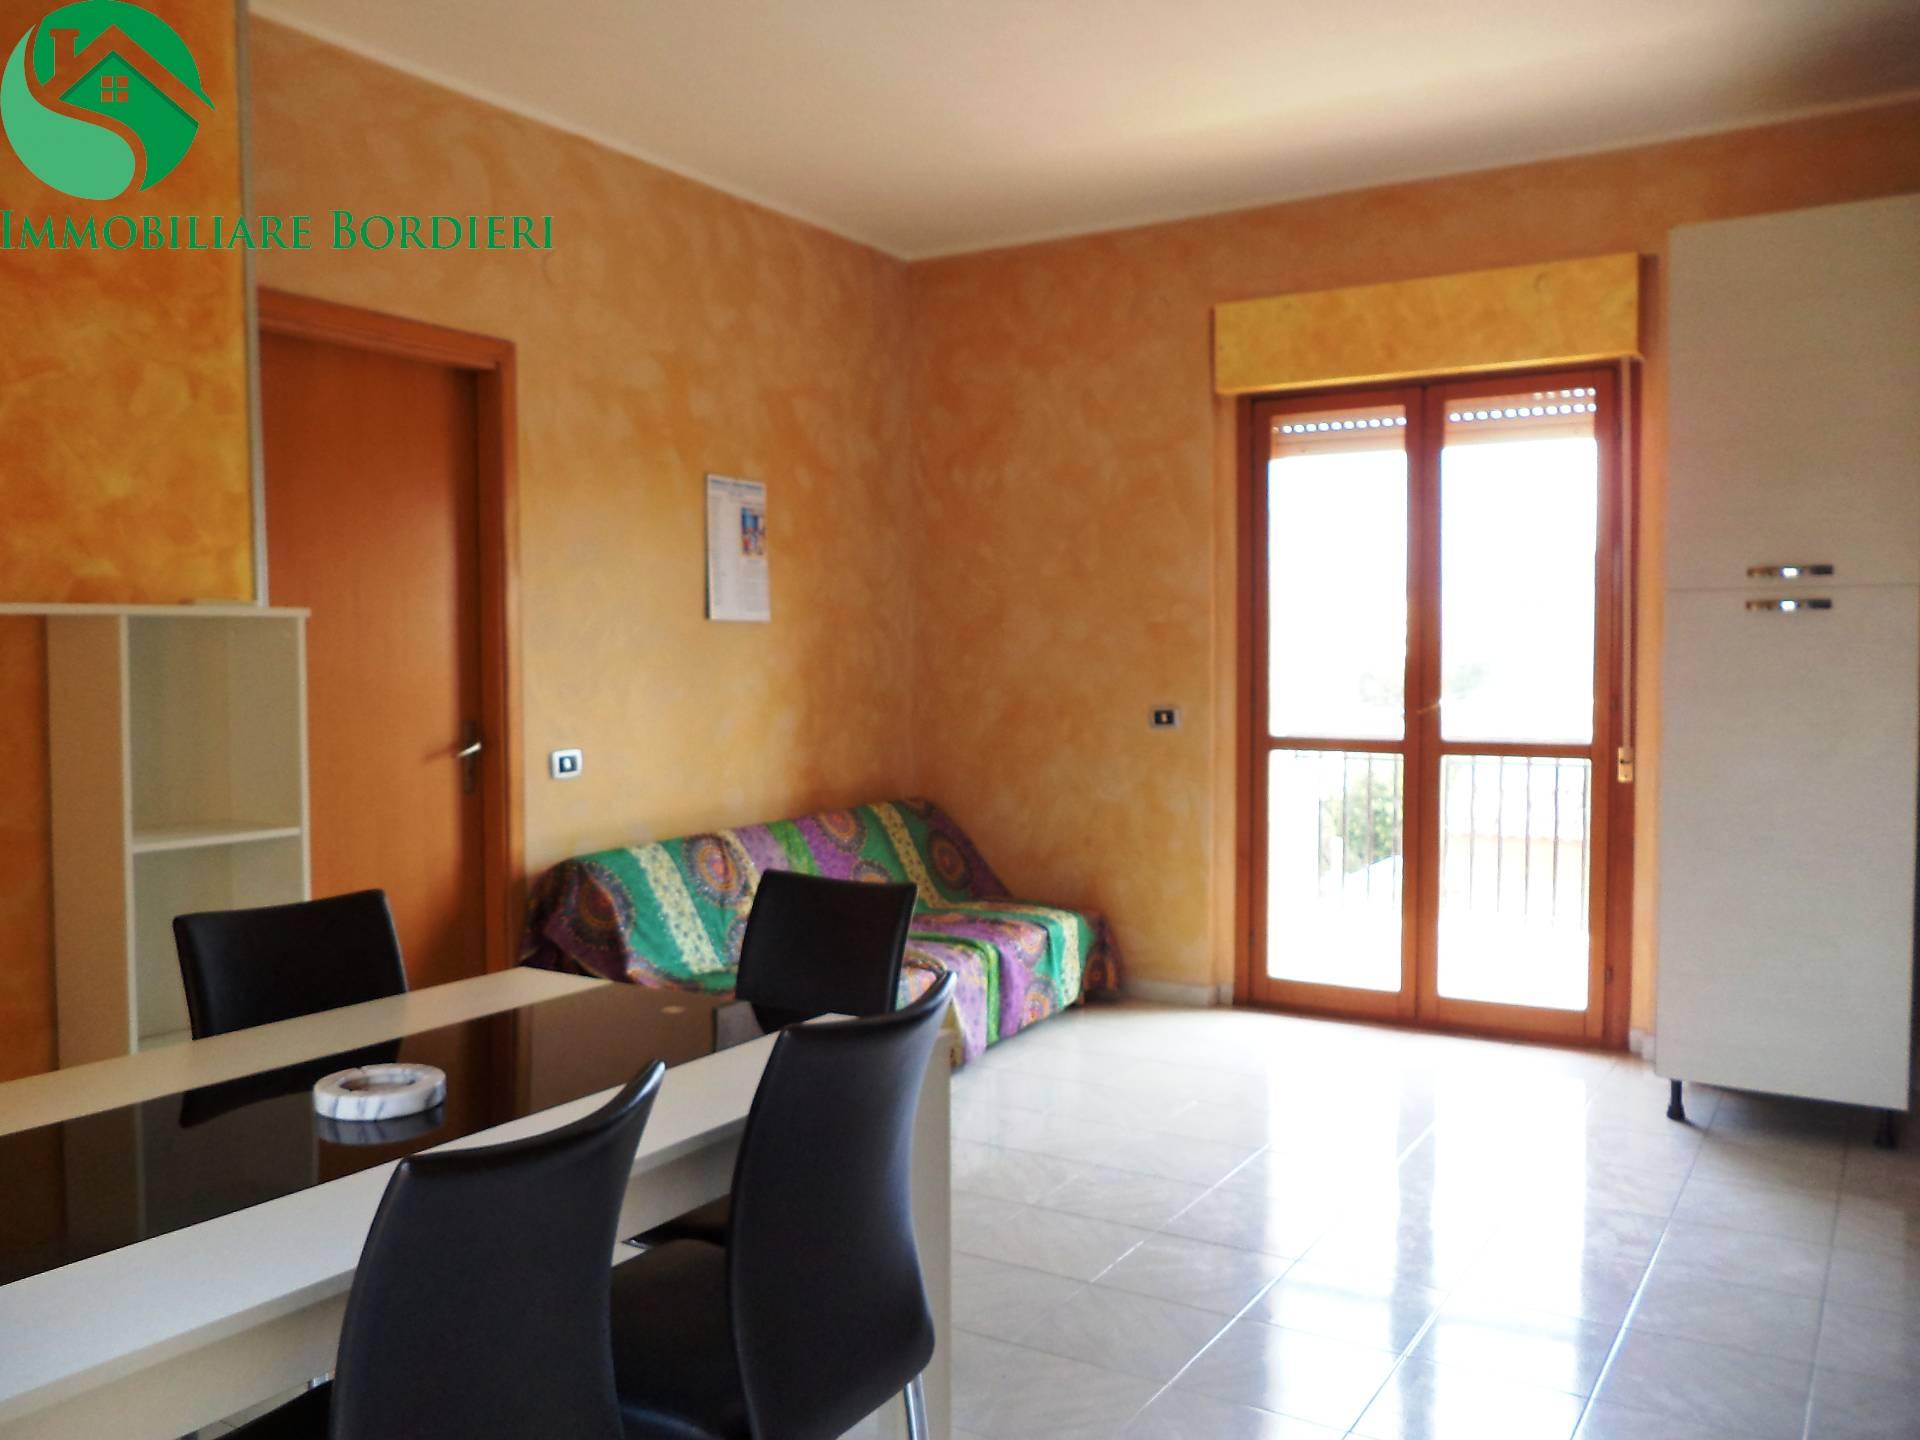 Appartamento in affitto a Siracusa, 2 locali, zona Località: ScalaGreca, prezzo € 450 | CambioCasa.it